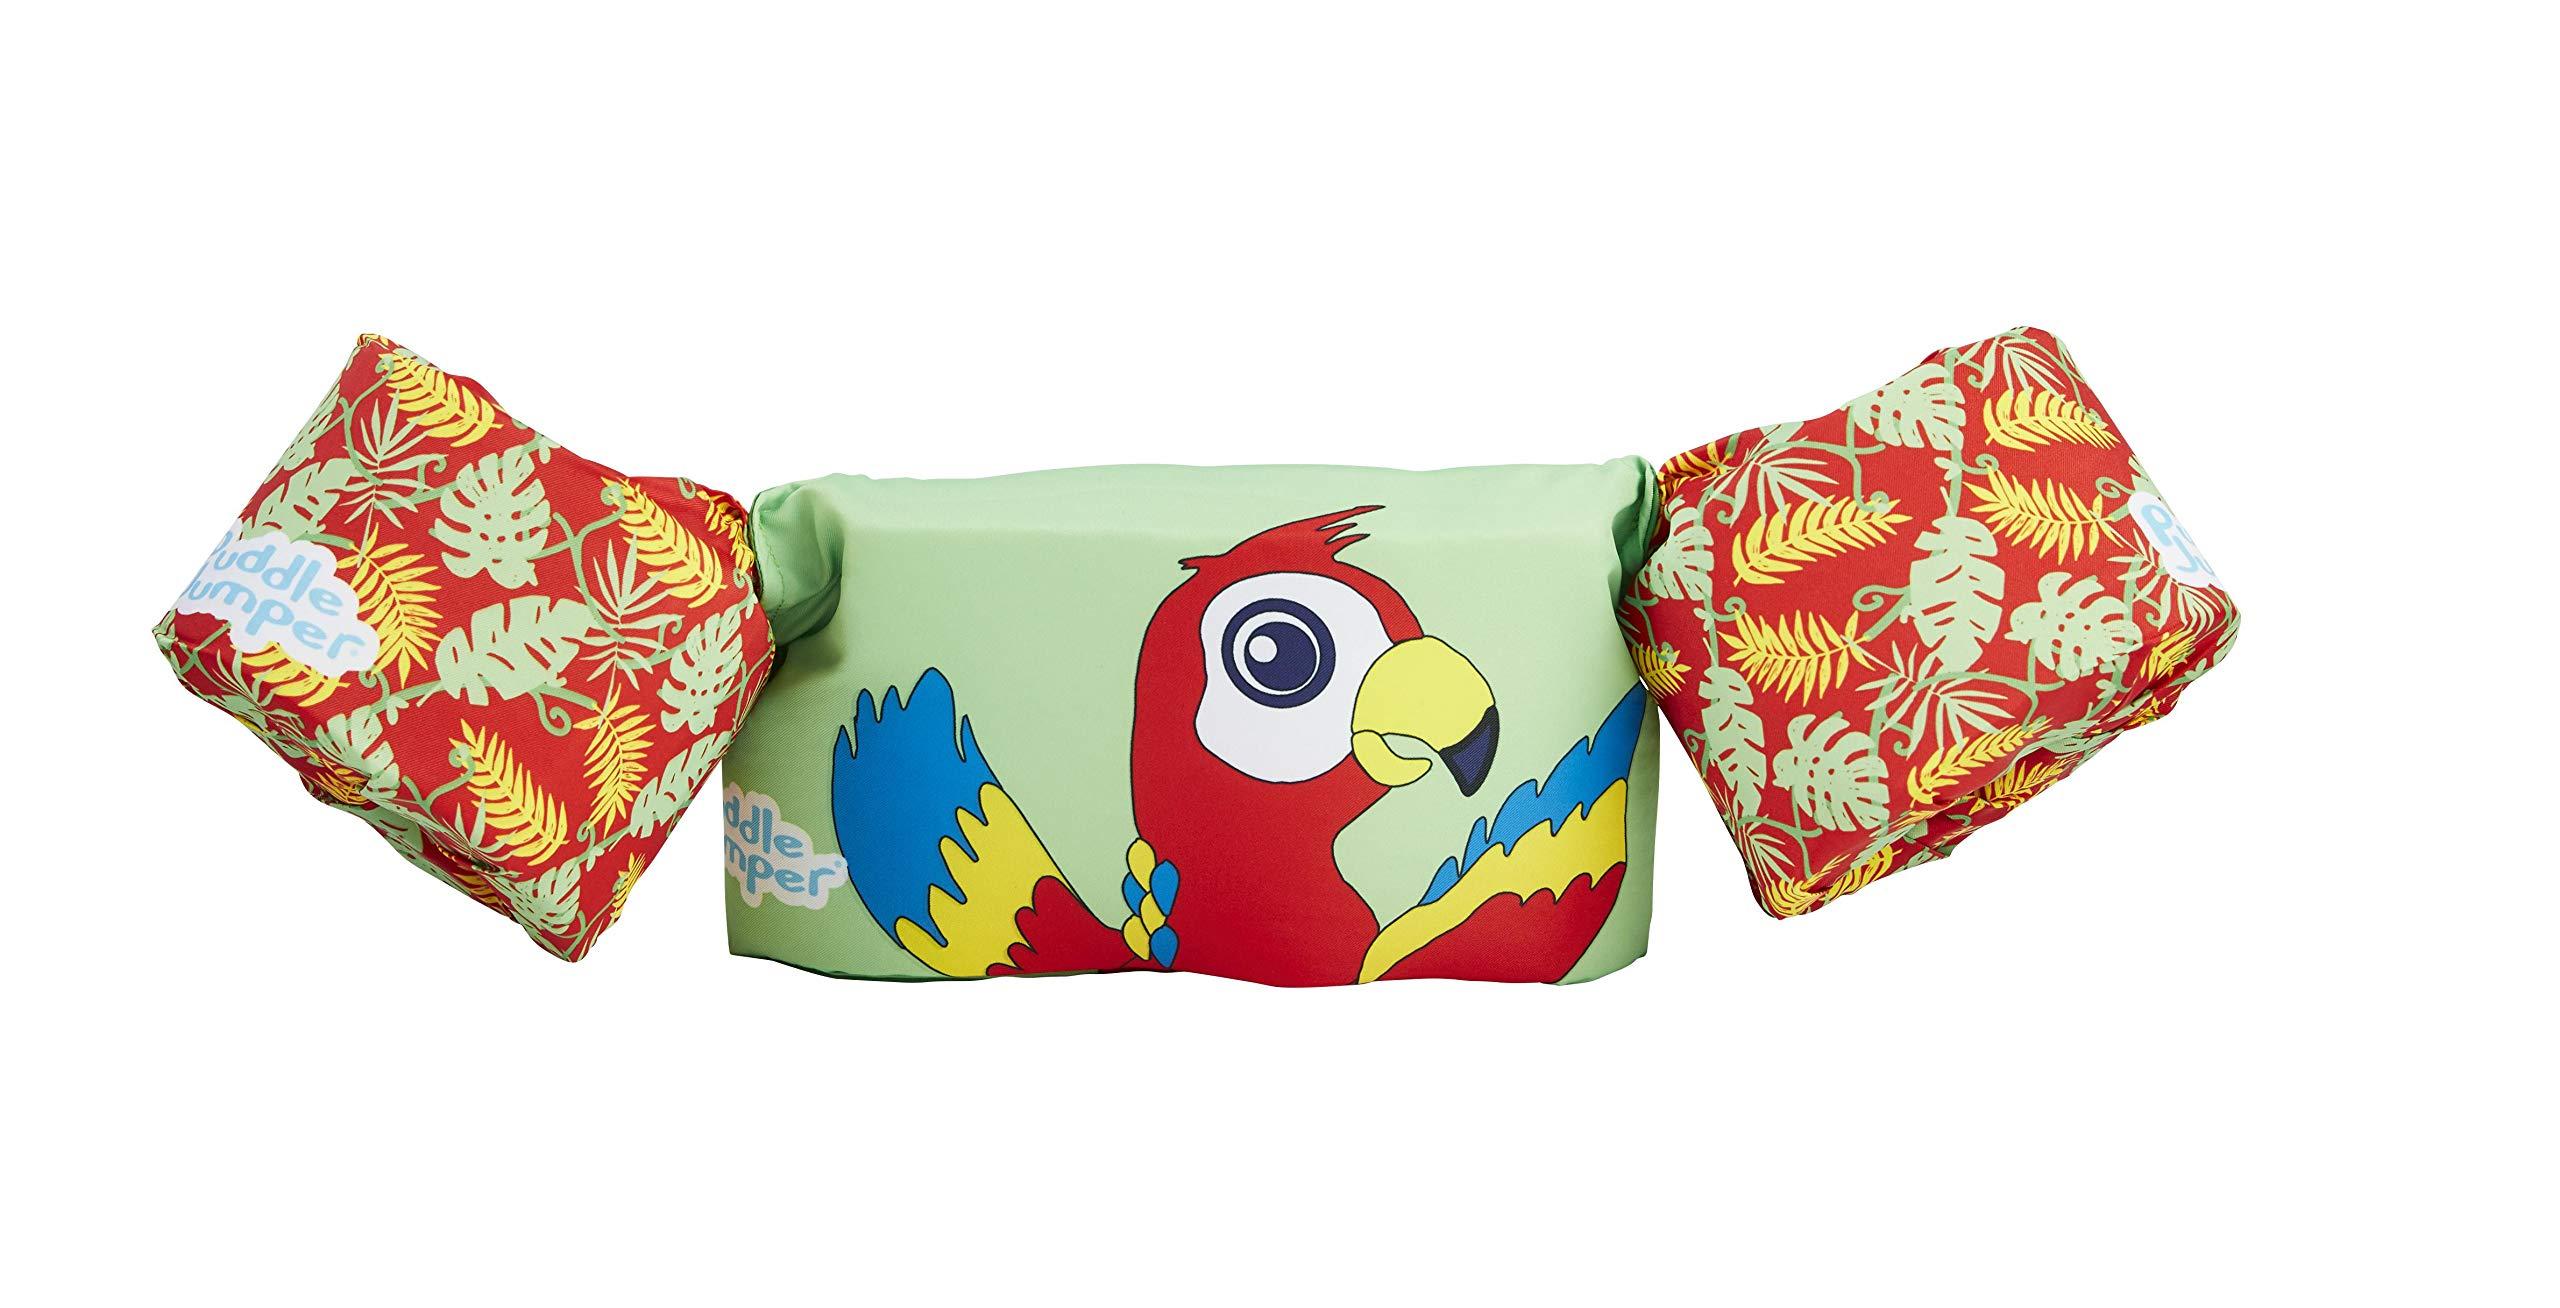 Stearns Puddle Jumper Kids Life Jacket | Life Vest for Children, Parrot, 30-50 Pounds